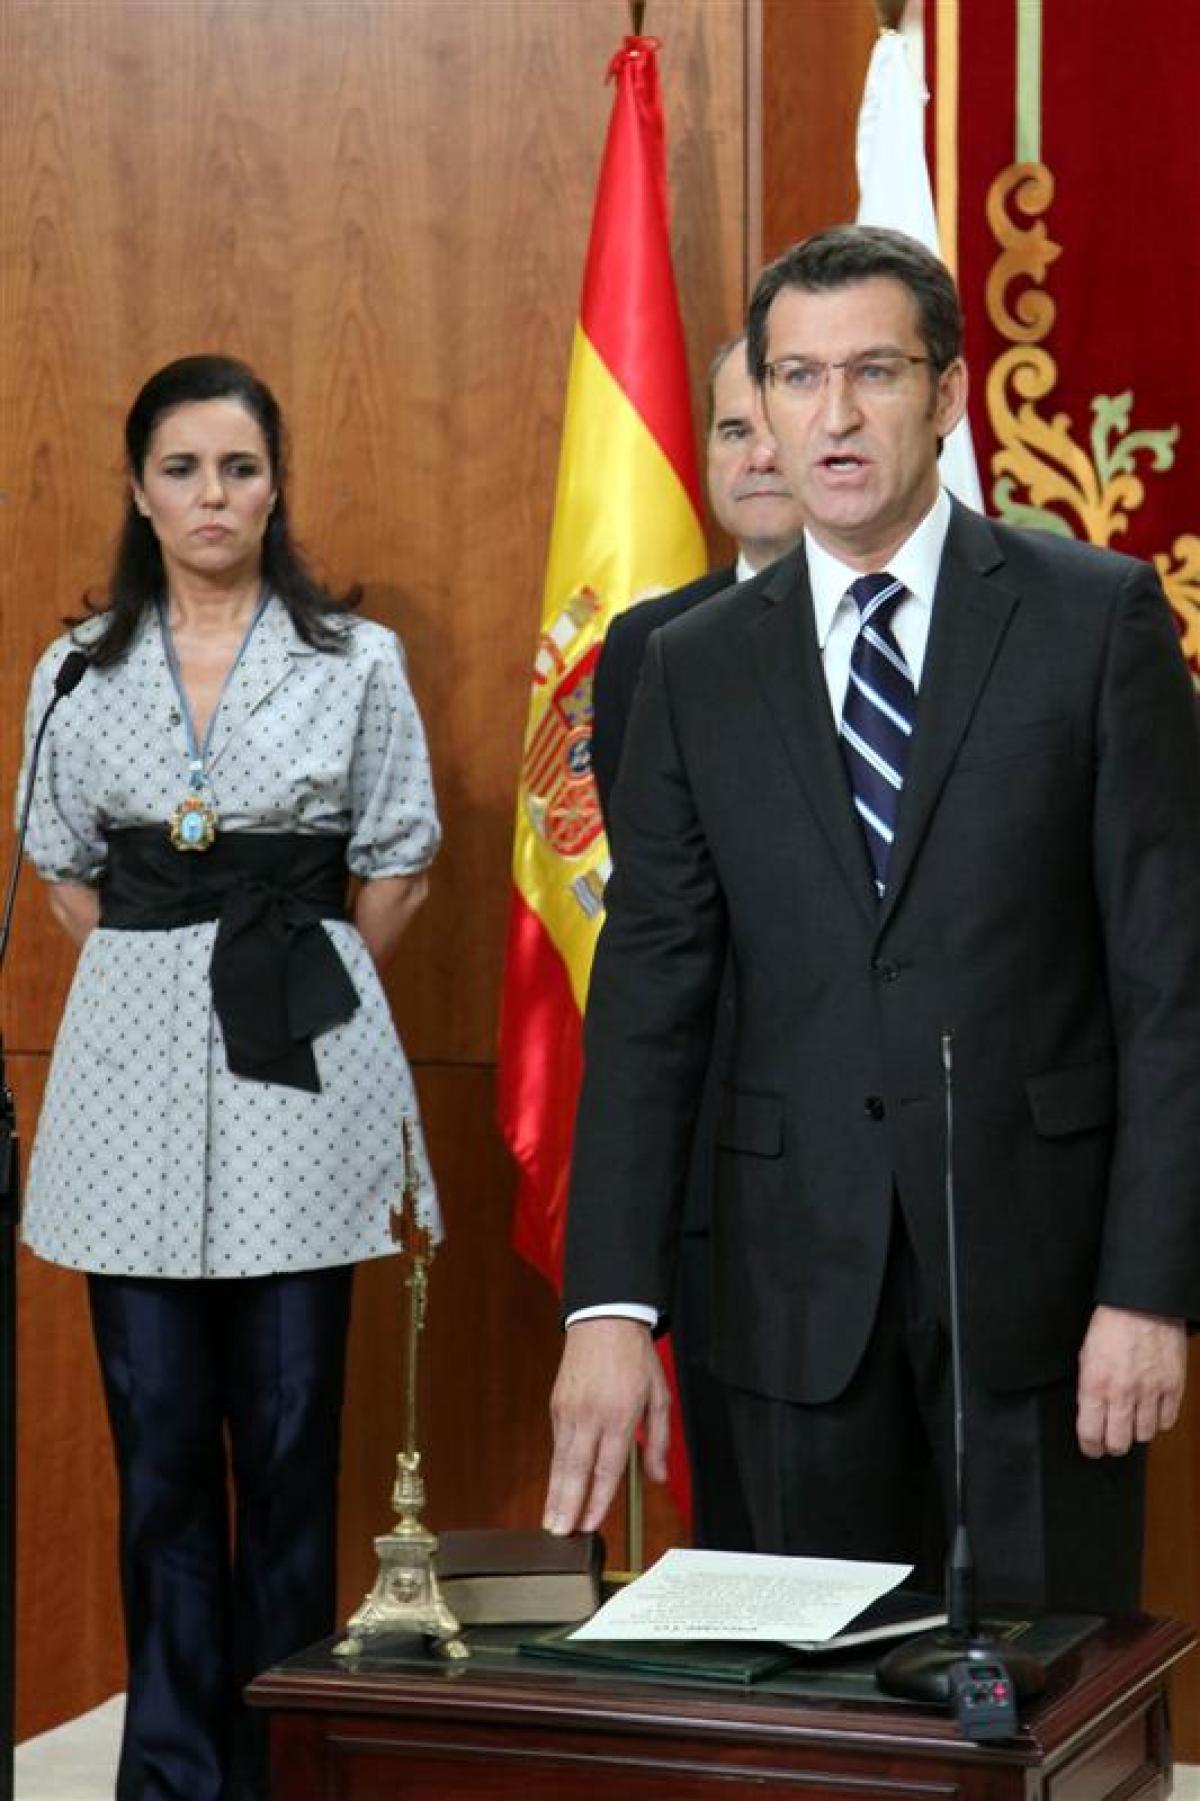 Alberto Núñez Feijóo (2009)